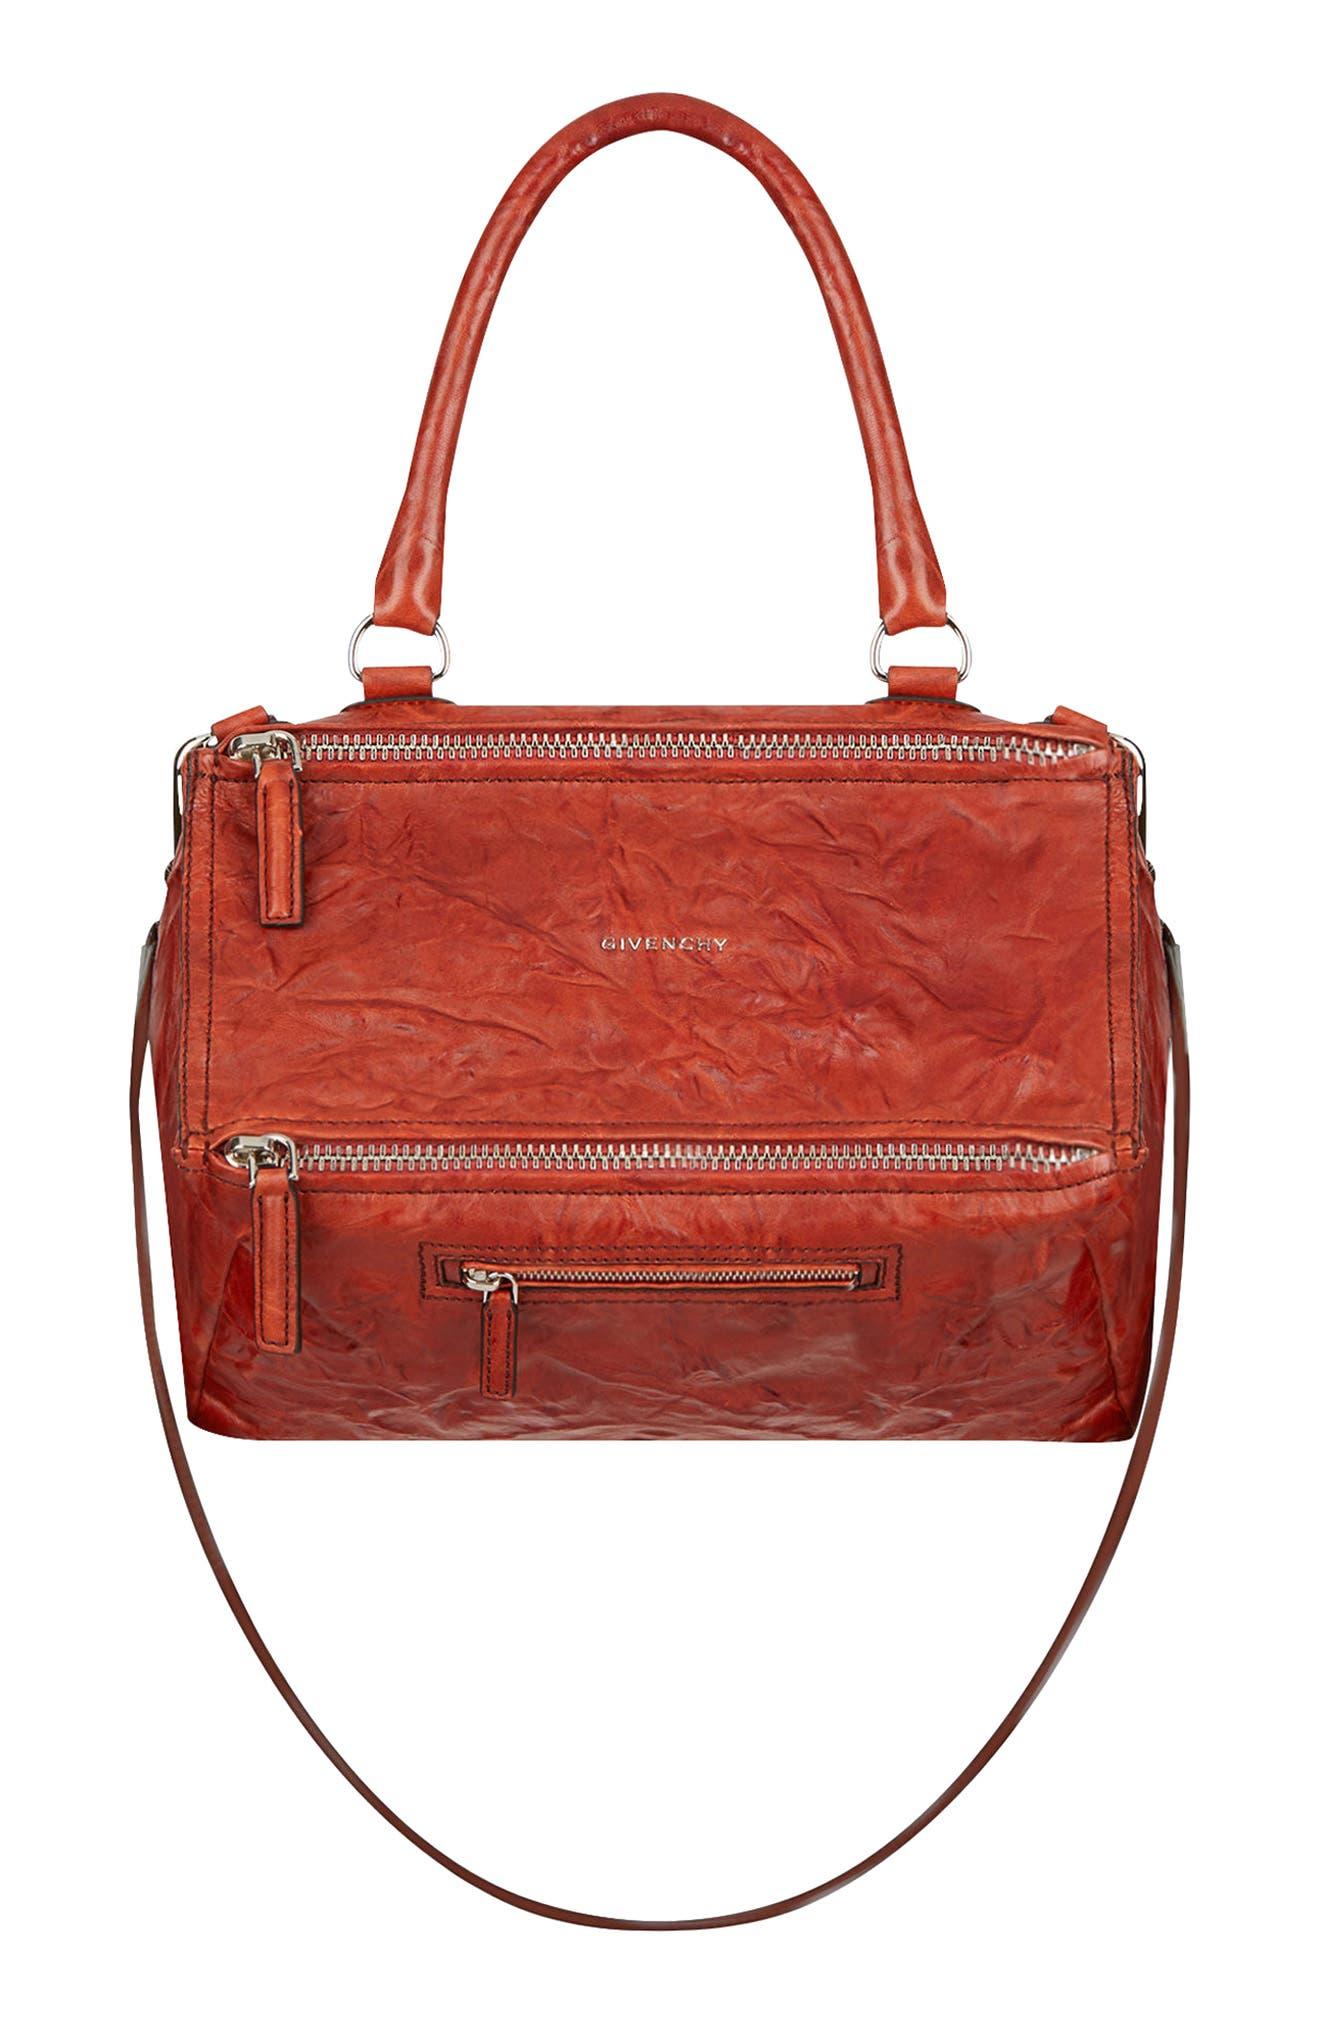 Main Image - Givenchy 'Medium Pepe Pandora' Leather Satchel